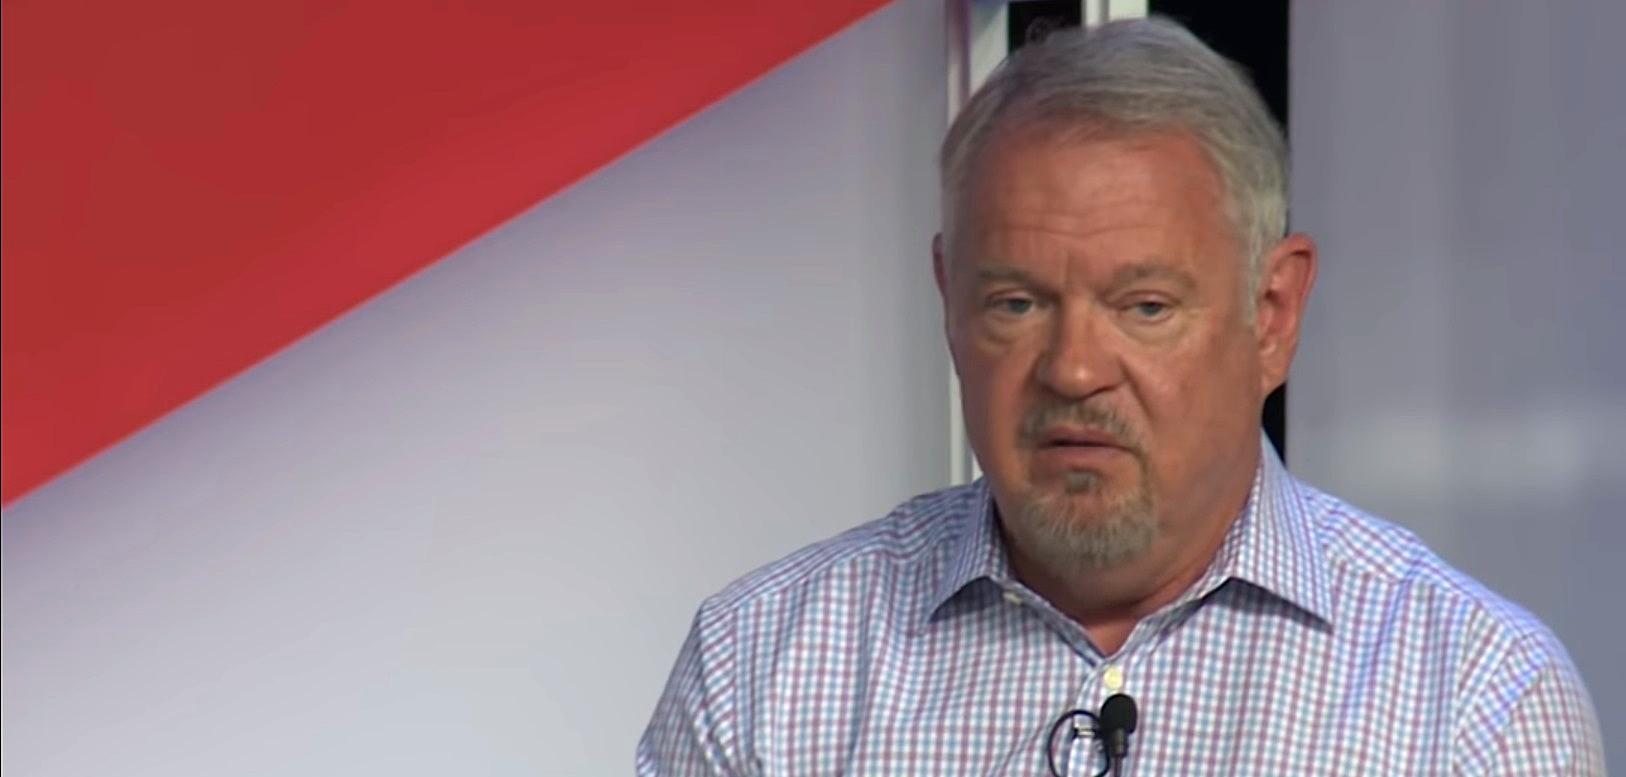 По словам вице-президента компании по безопасности Тома Берта, снова  засекли хакеров группировки